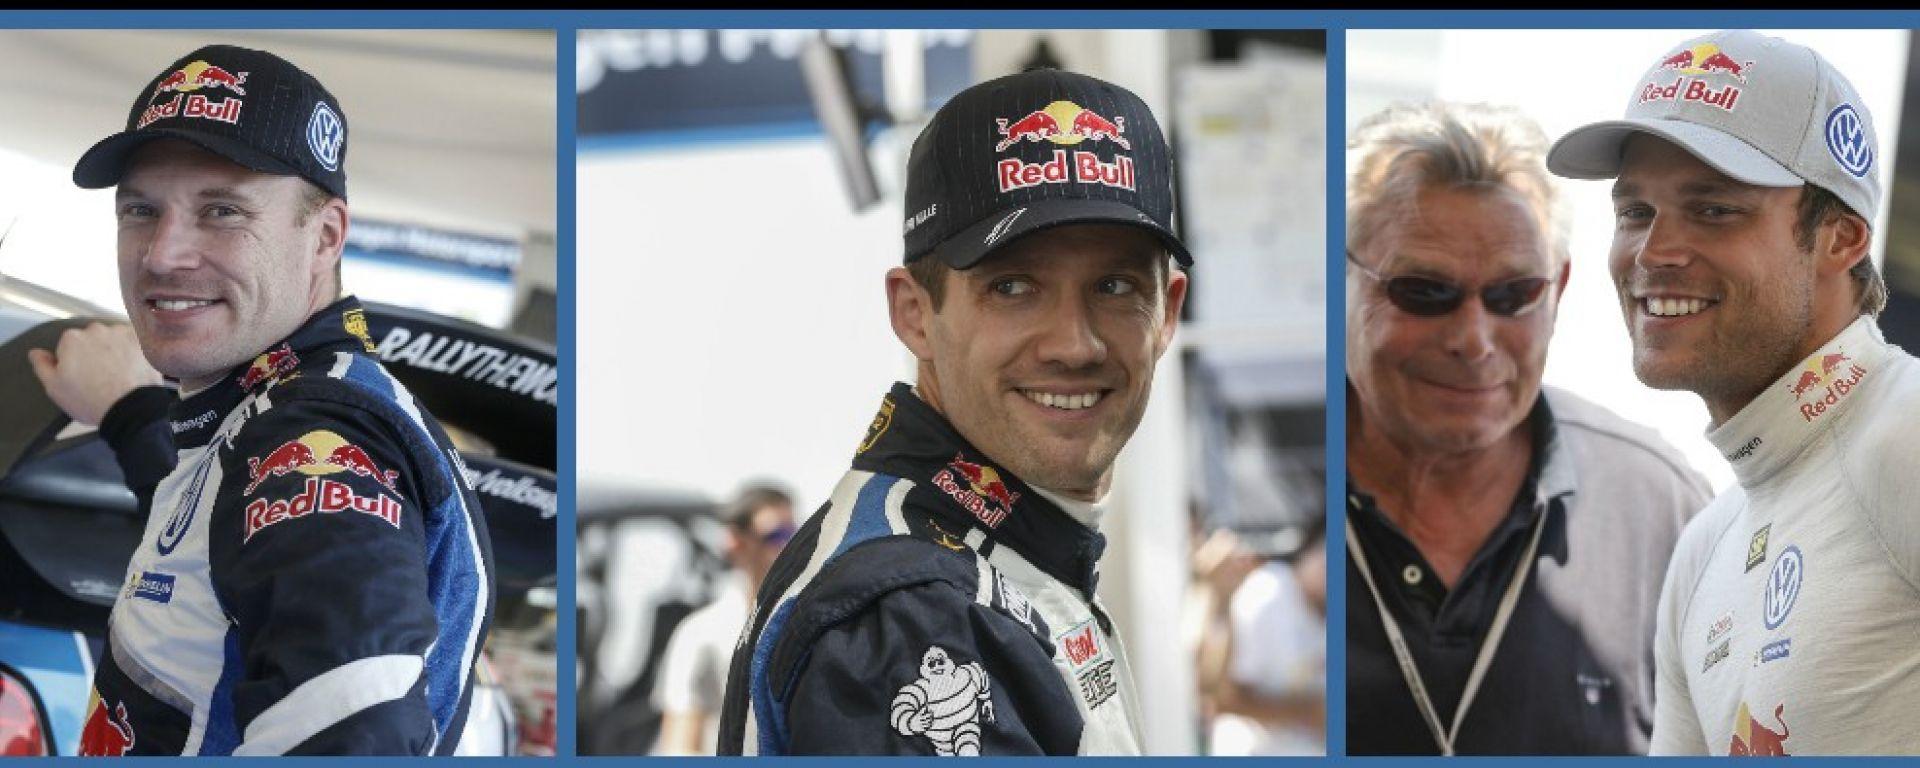 WRC Rally Sardegna: le dichiarazioni dei piloti Volkswagen